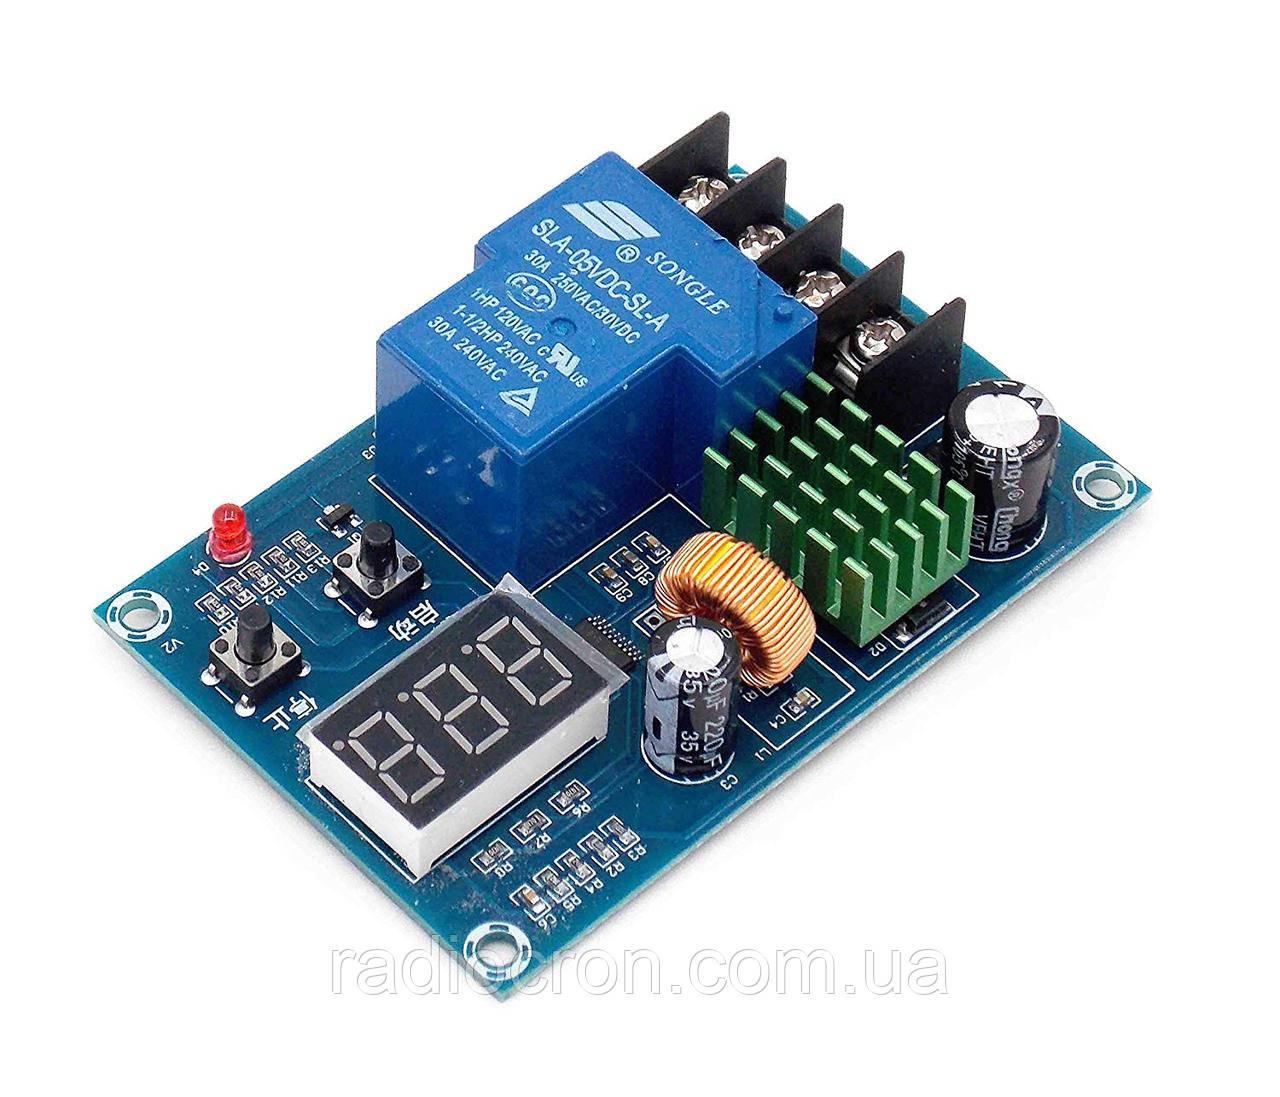 XH-M604 - Универсальный 6...60В контроллер заряда аккумуляторных батарей с индикатором